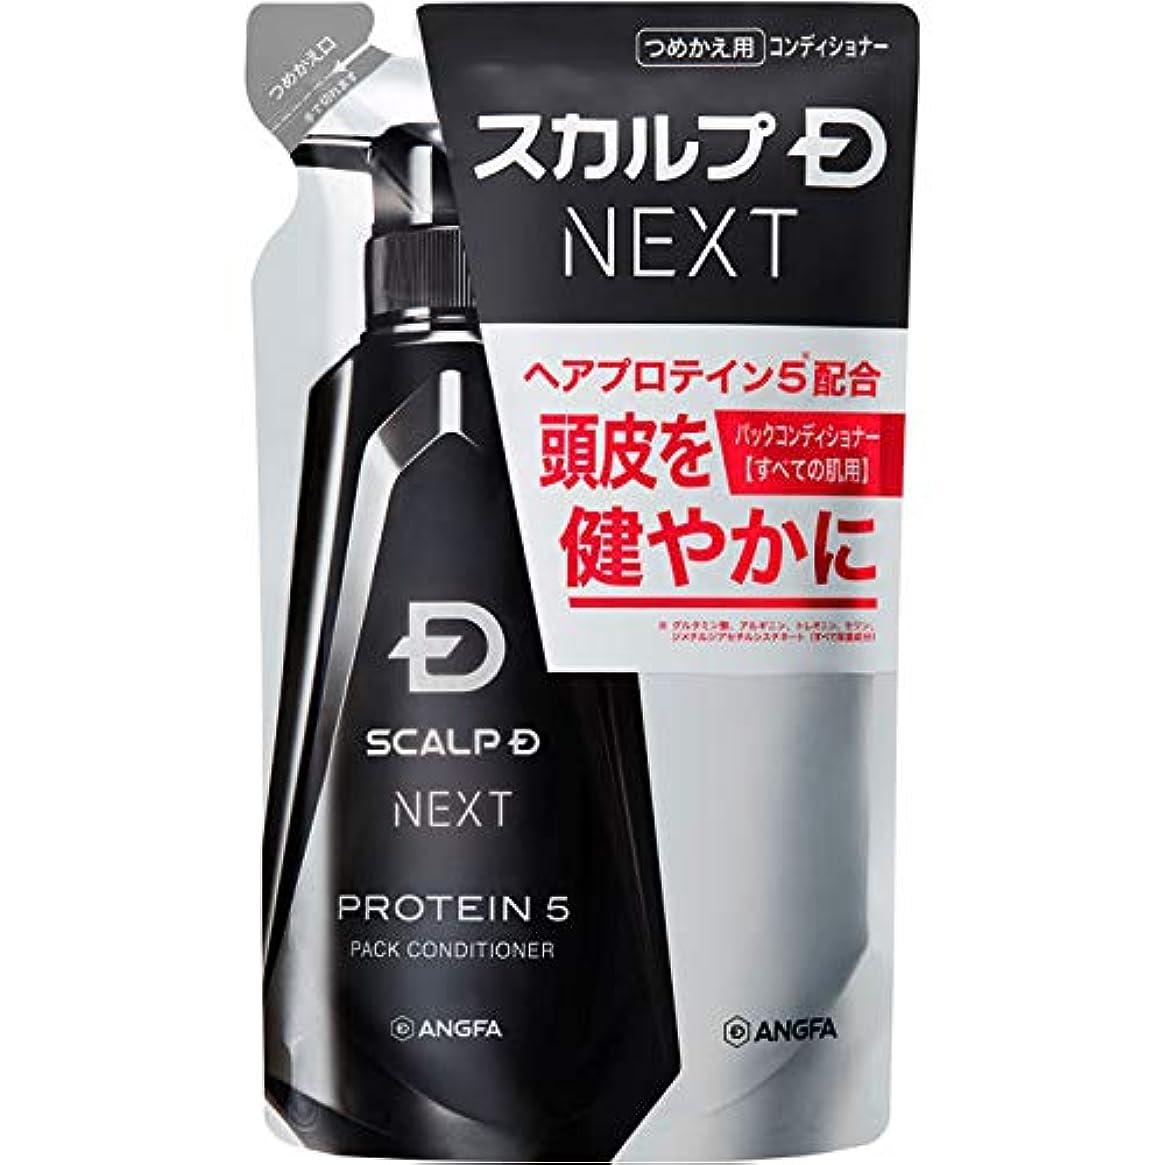 お香幹に渡ってアンファー スカルプD NEXT プロテイン5 パックコンディショナー 詰替用 300ml